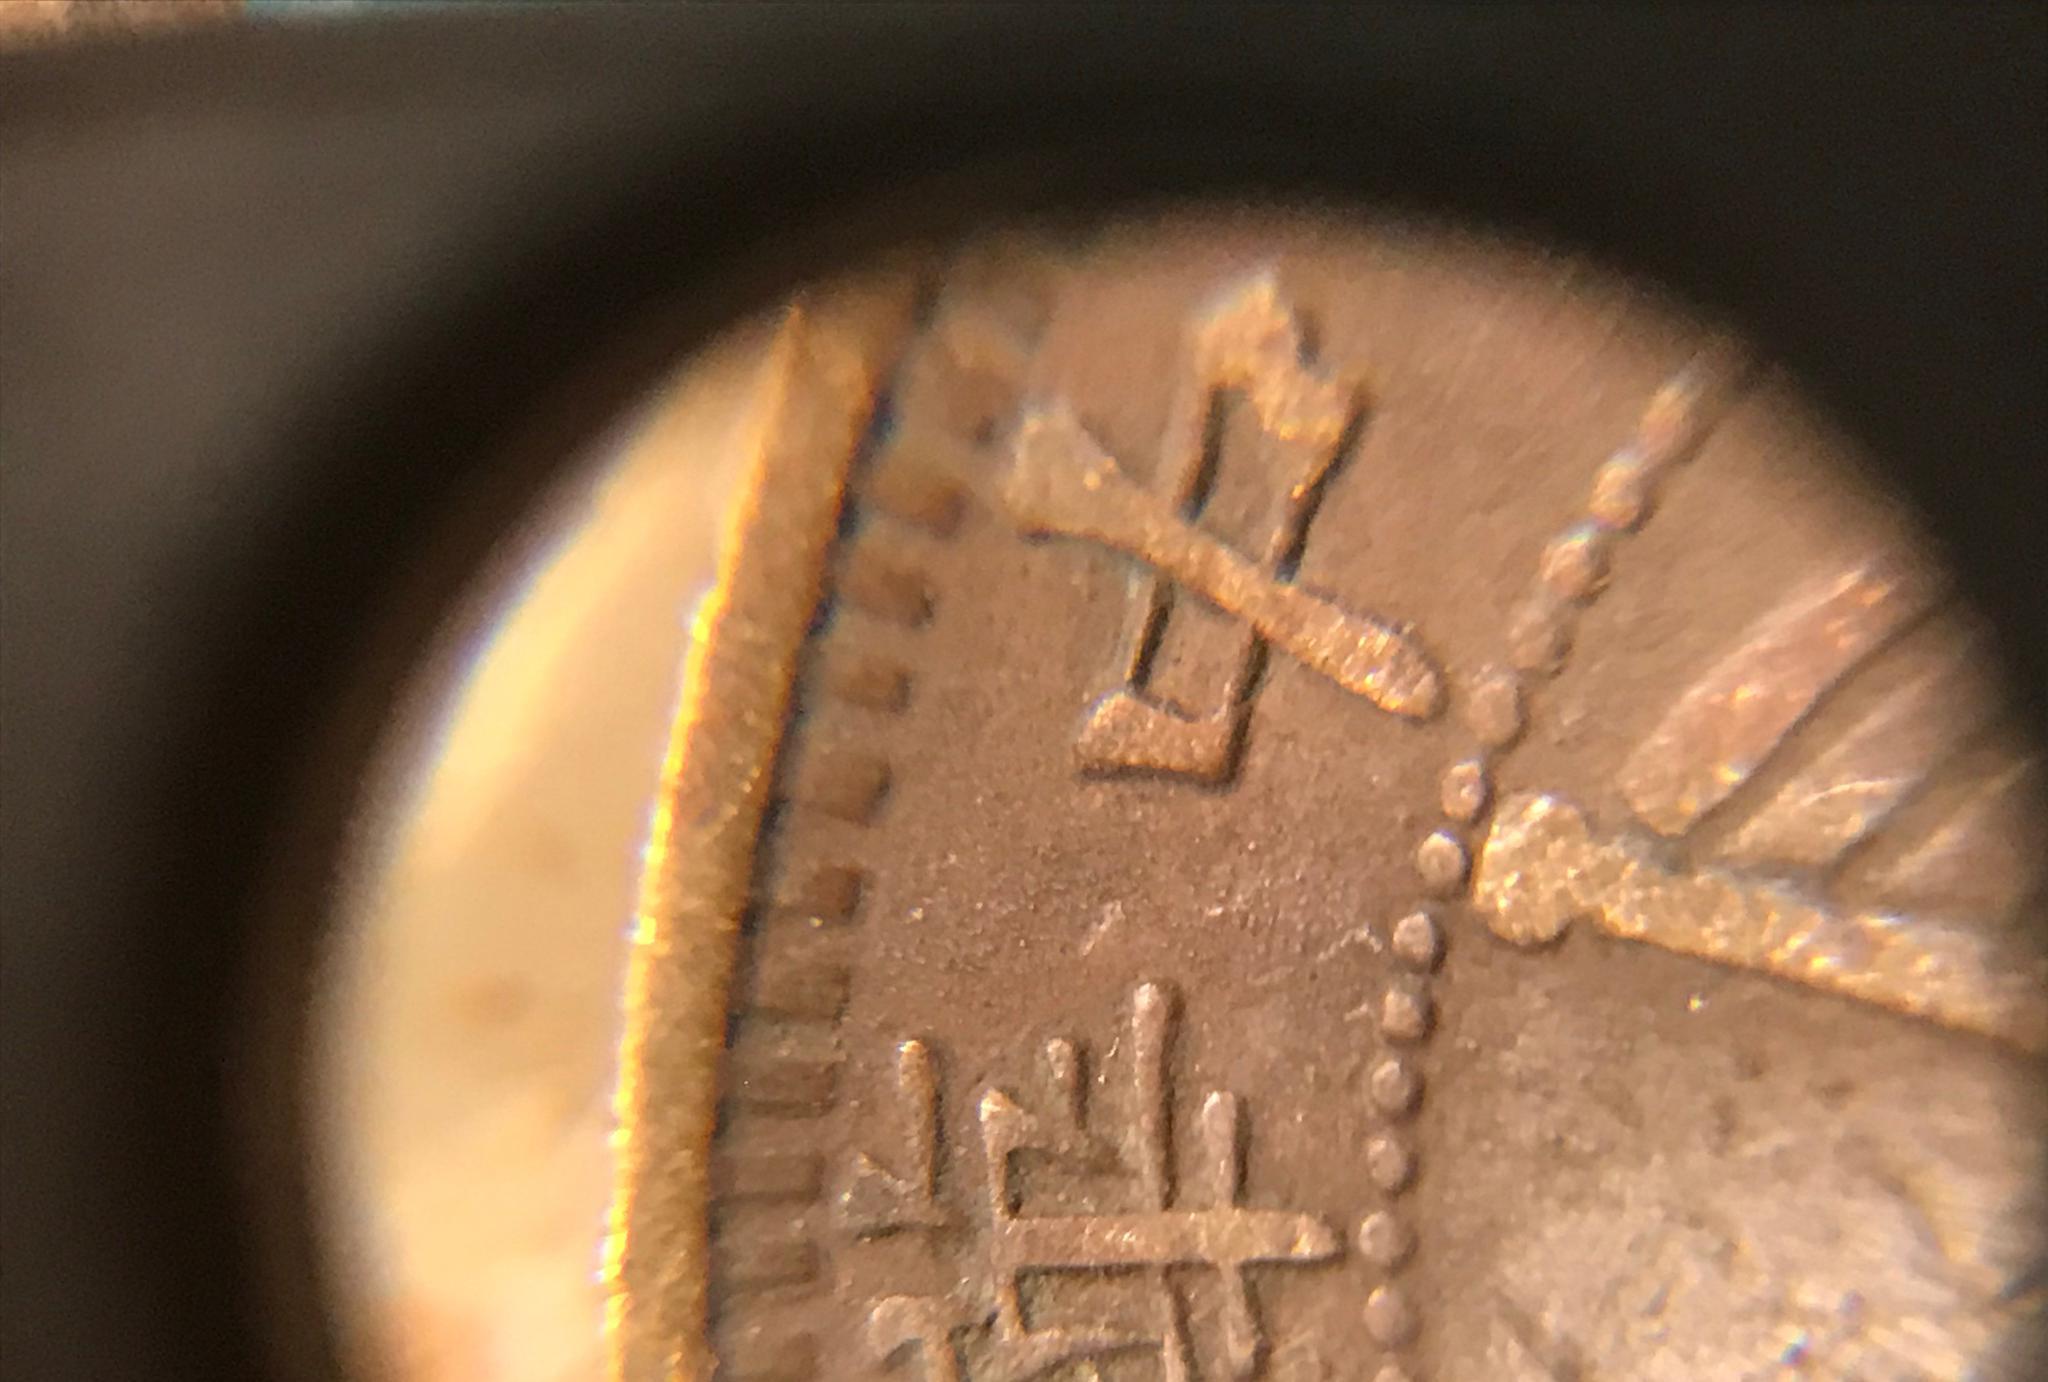 看了放大图后,我想这大概就是钱币收藏爱好者喜欢钱币的重要原因